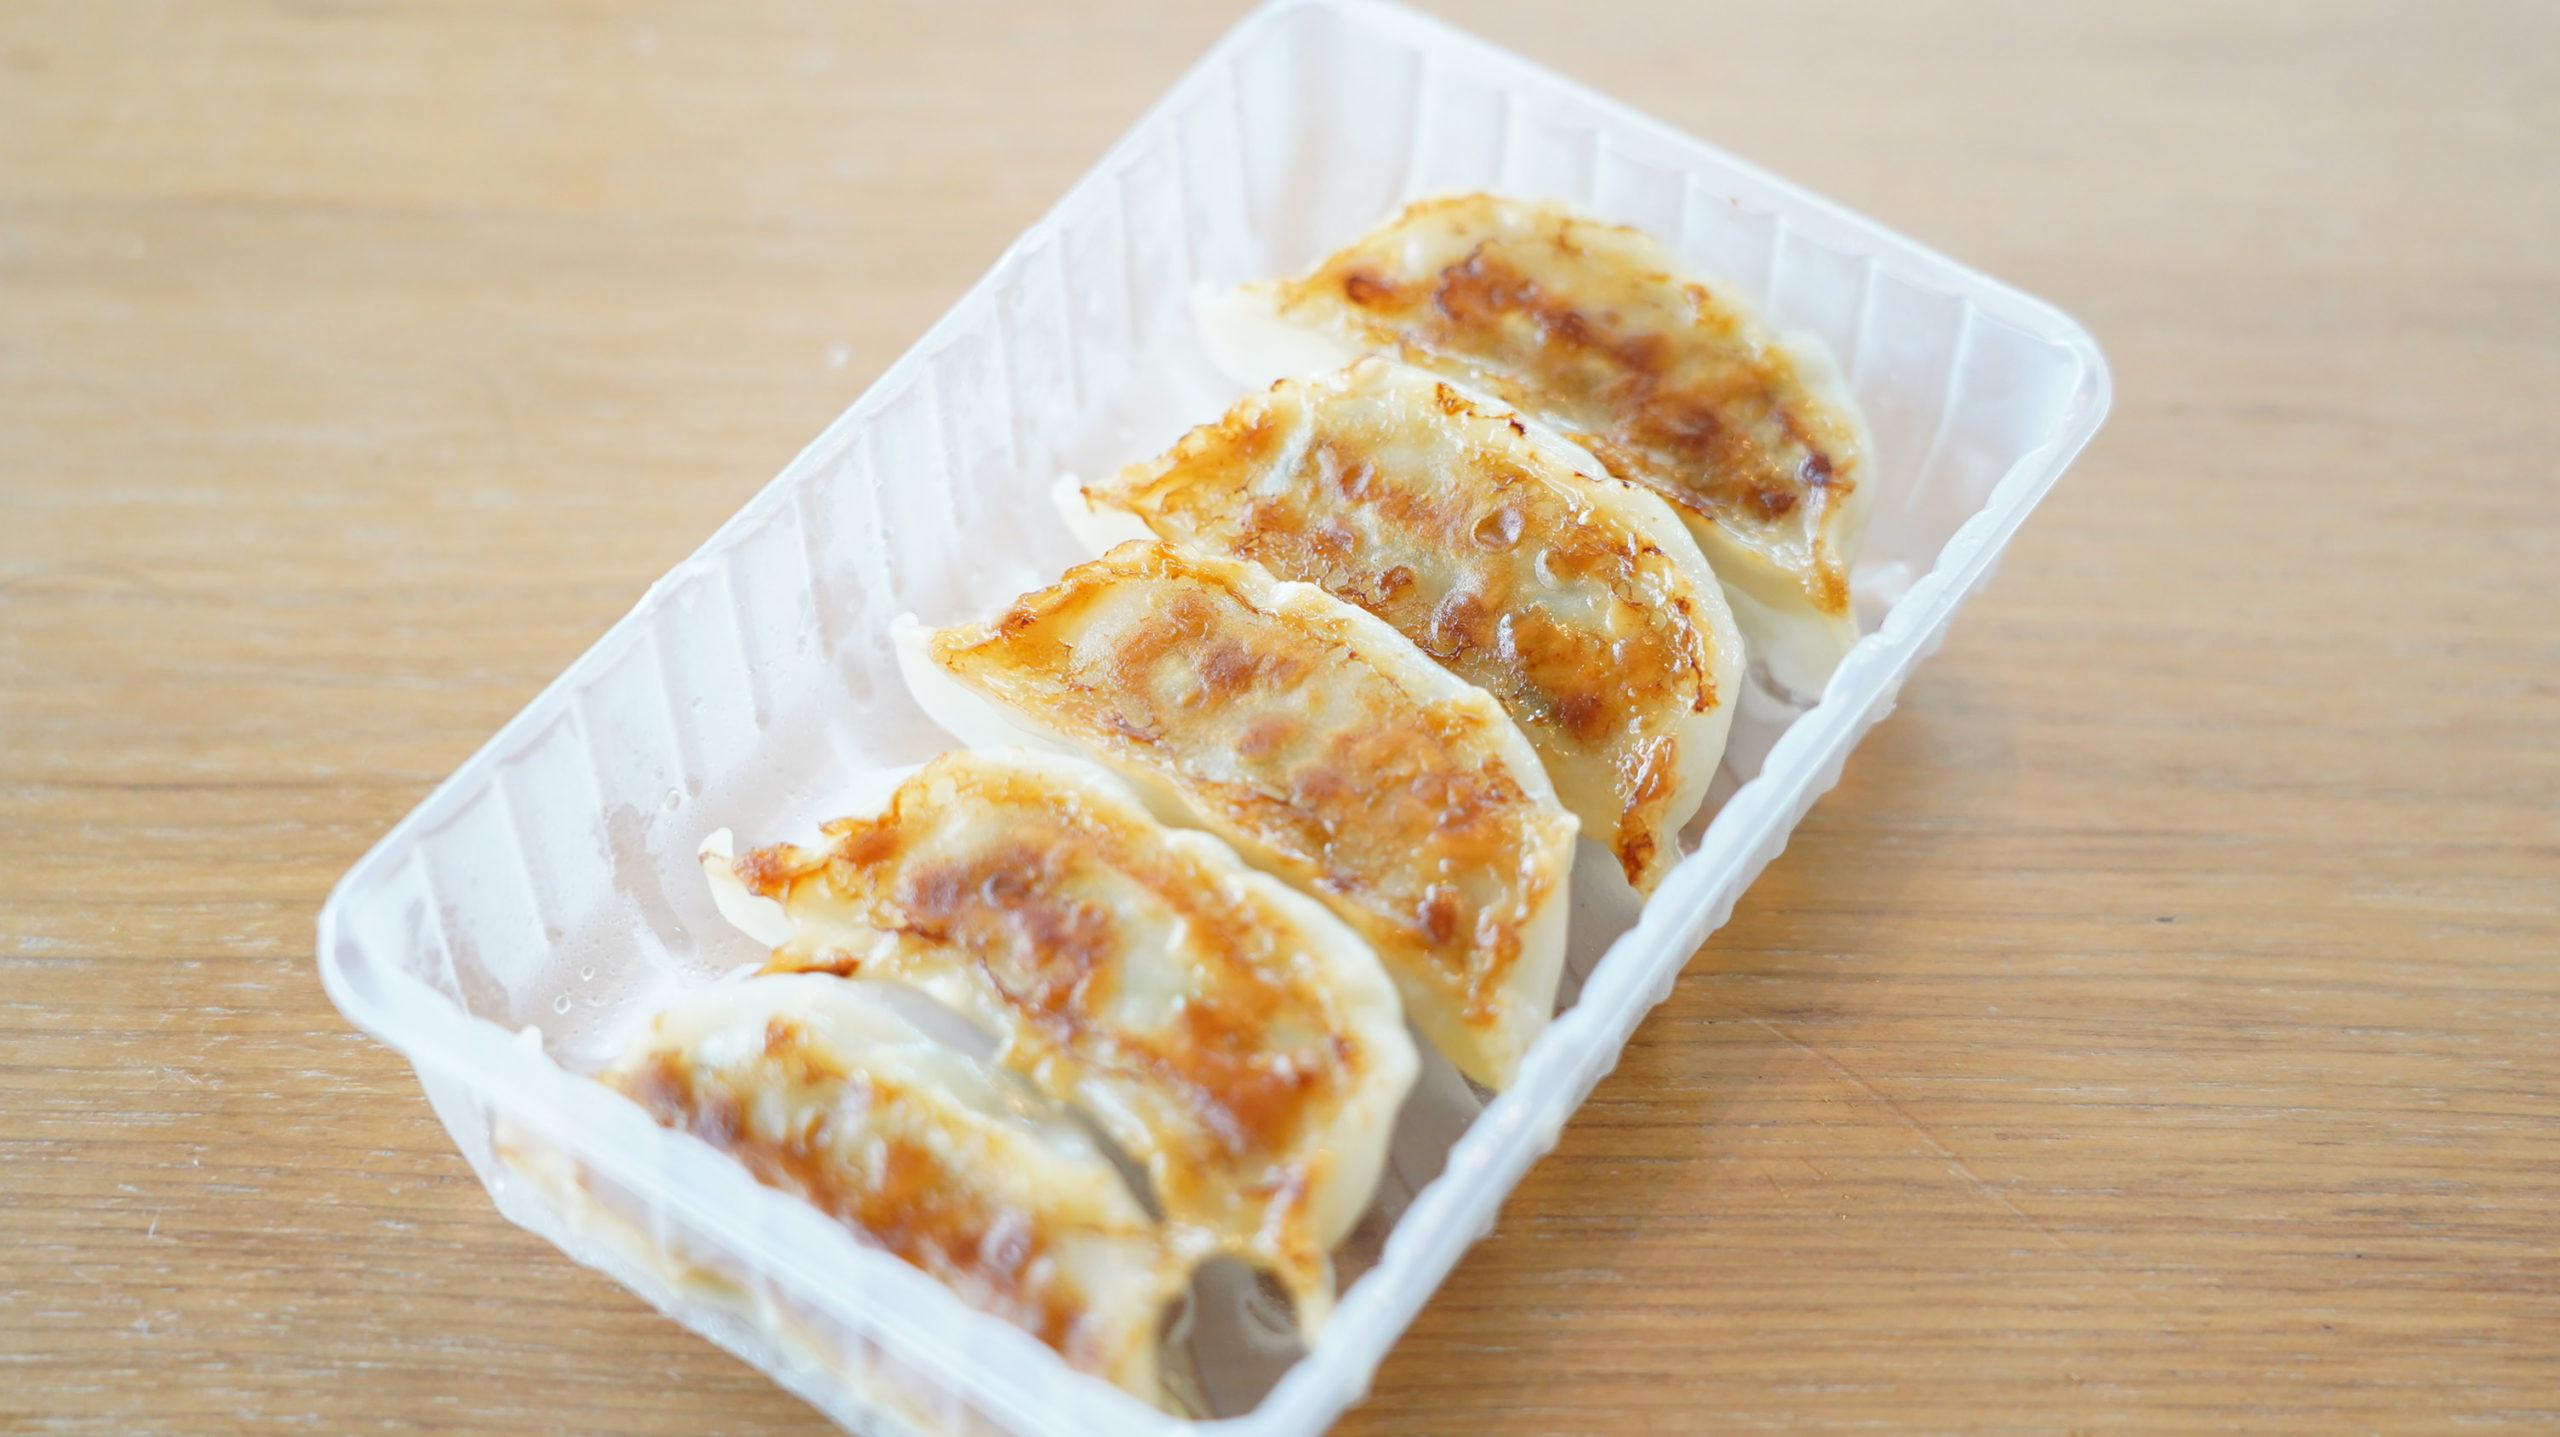 セブンイレブンの冷凍食品「国産お肉と野菜の焼き餃子」でトレーのまま食べられる様子の写真